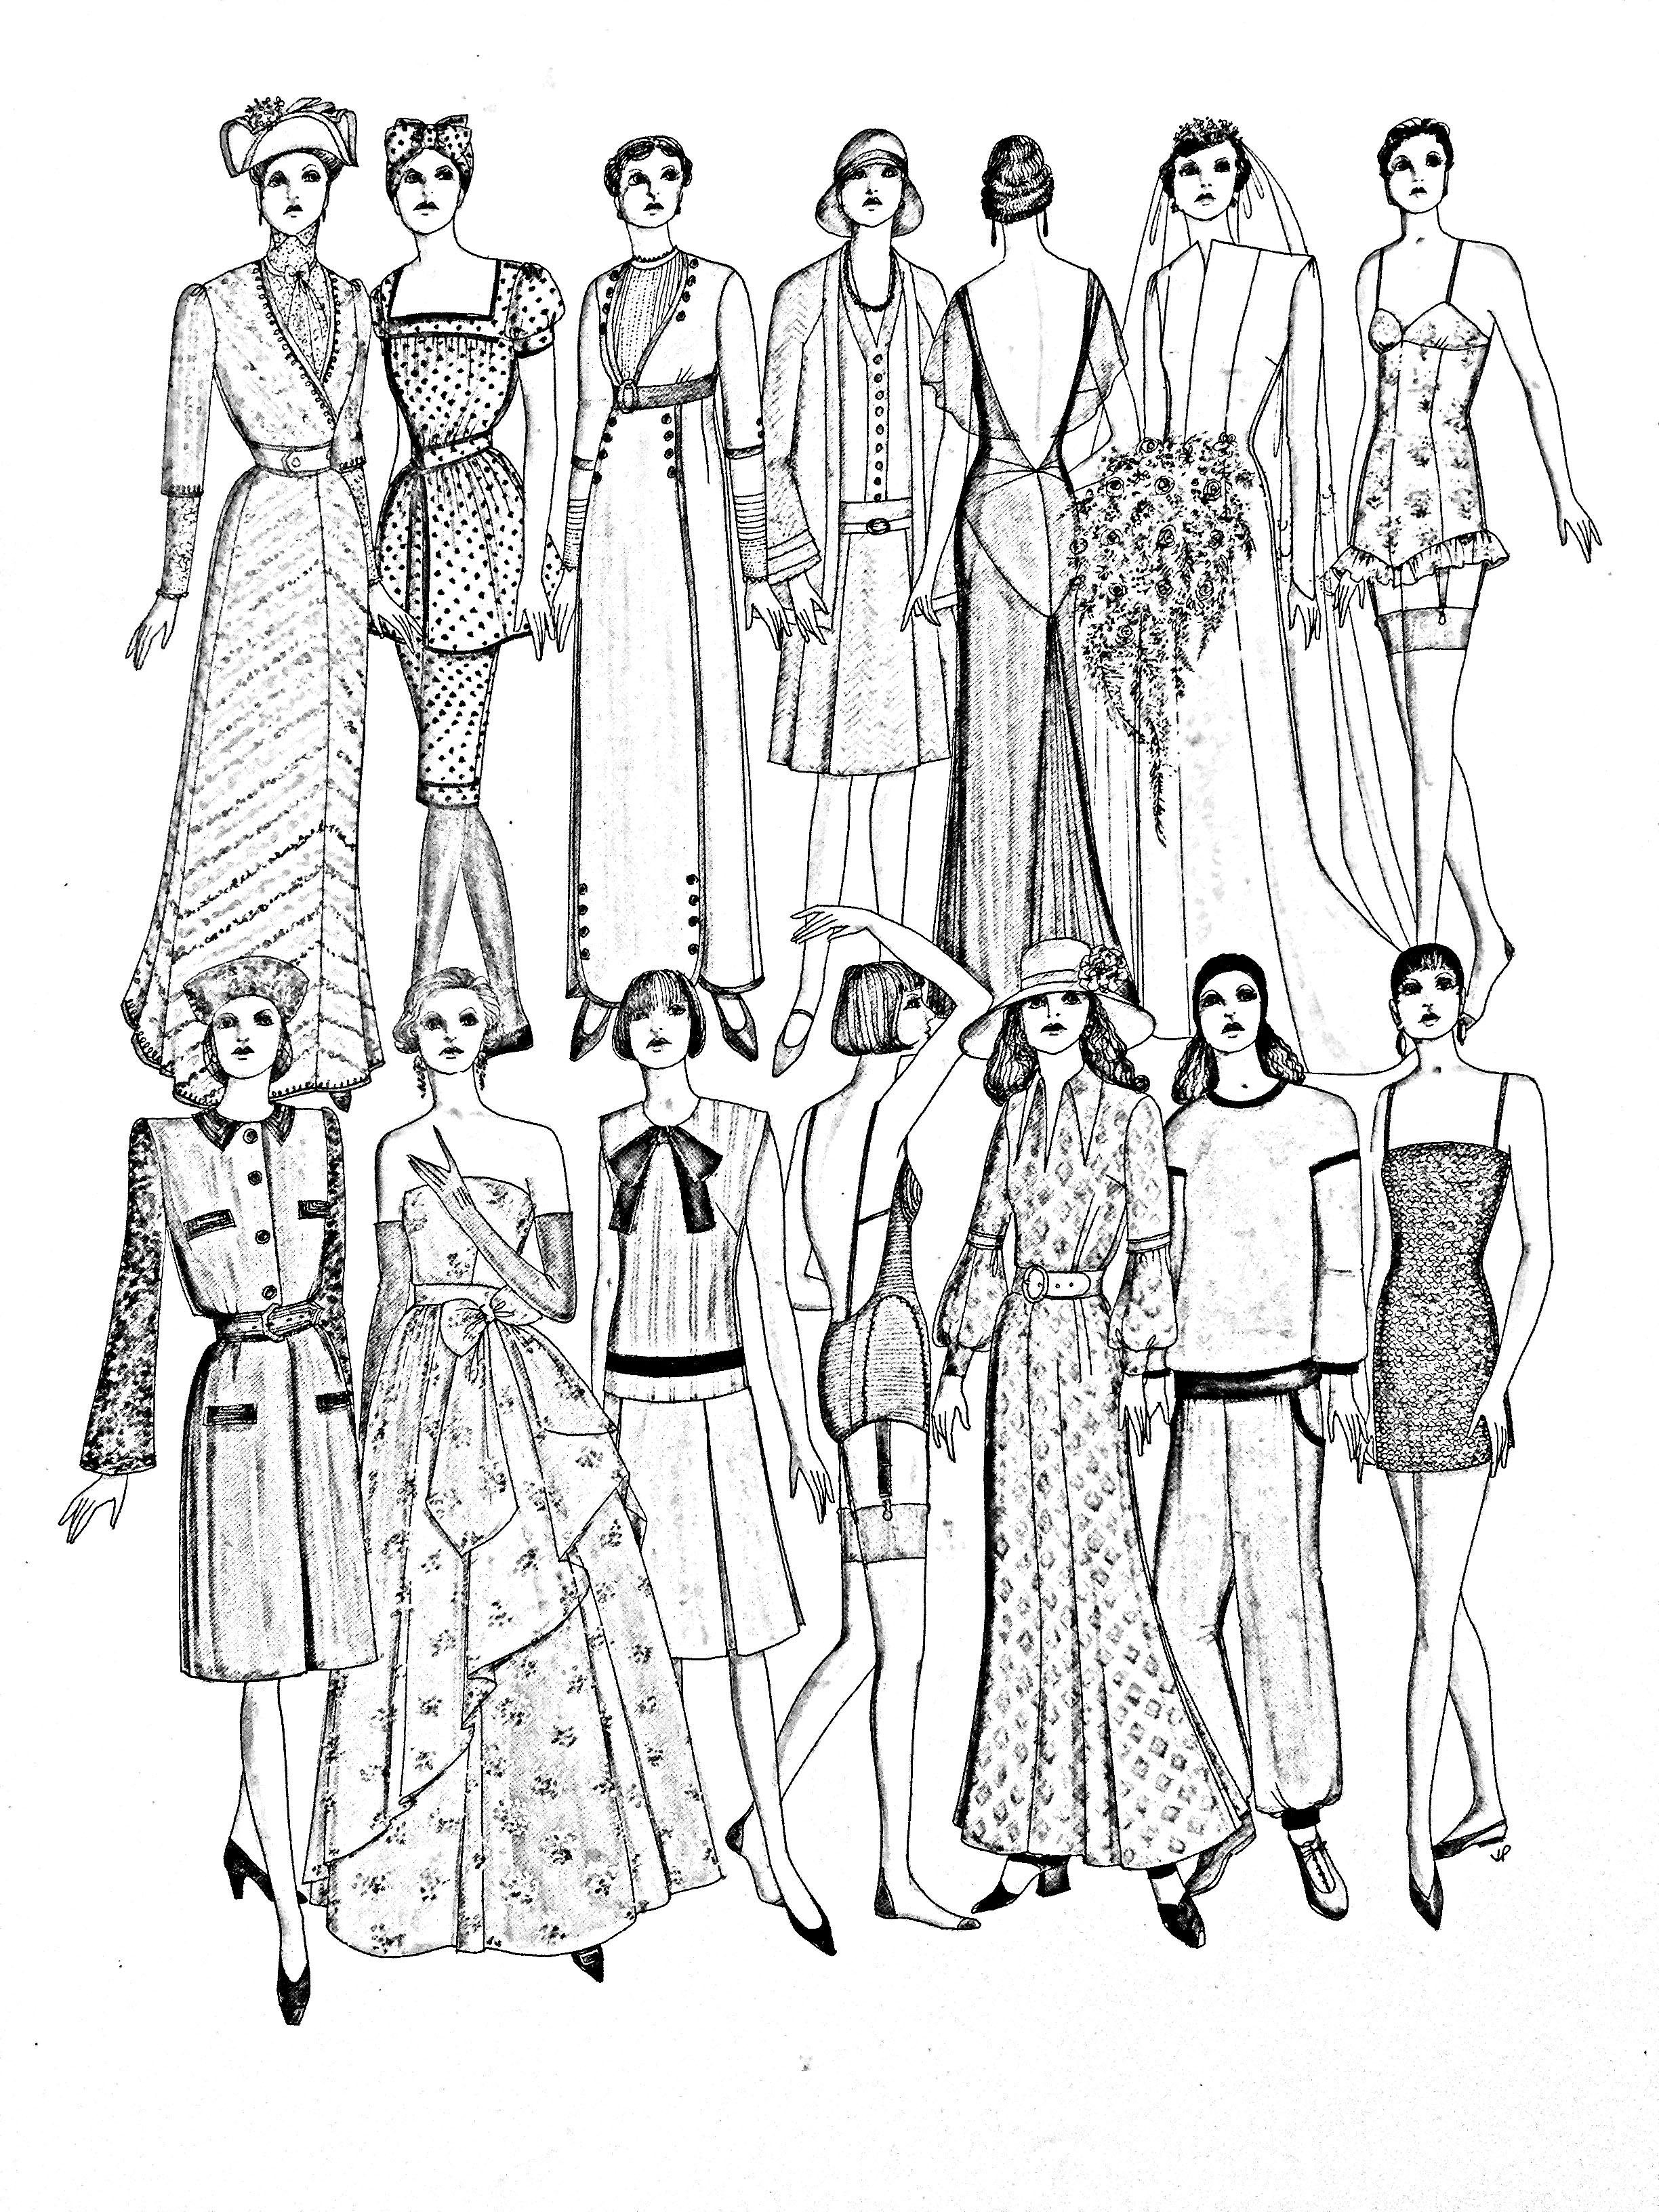 Disegni Di Moda Da Colorare.Moda E Abbigliamento 52126 Moda E Abbigliamento Disegni Da Colorare Per Adulti